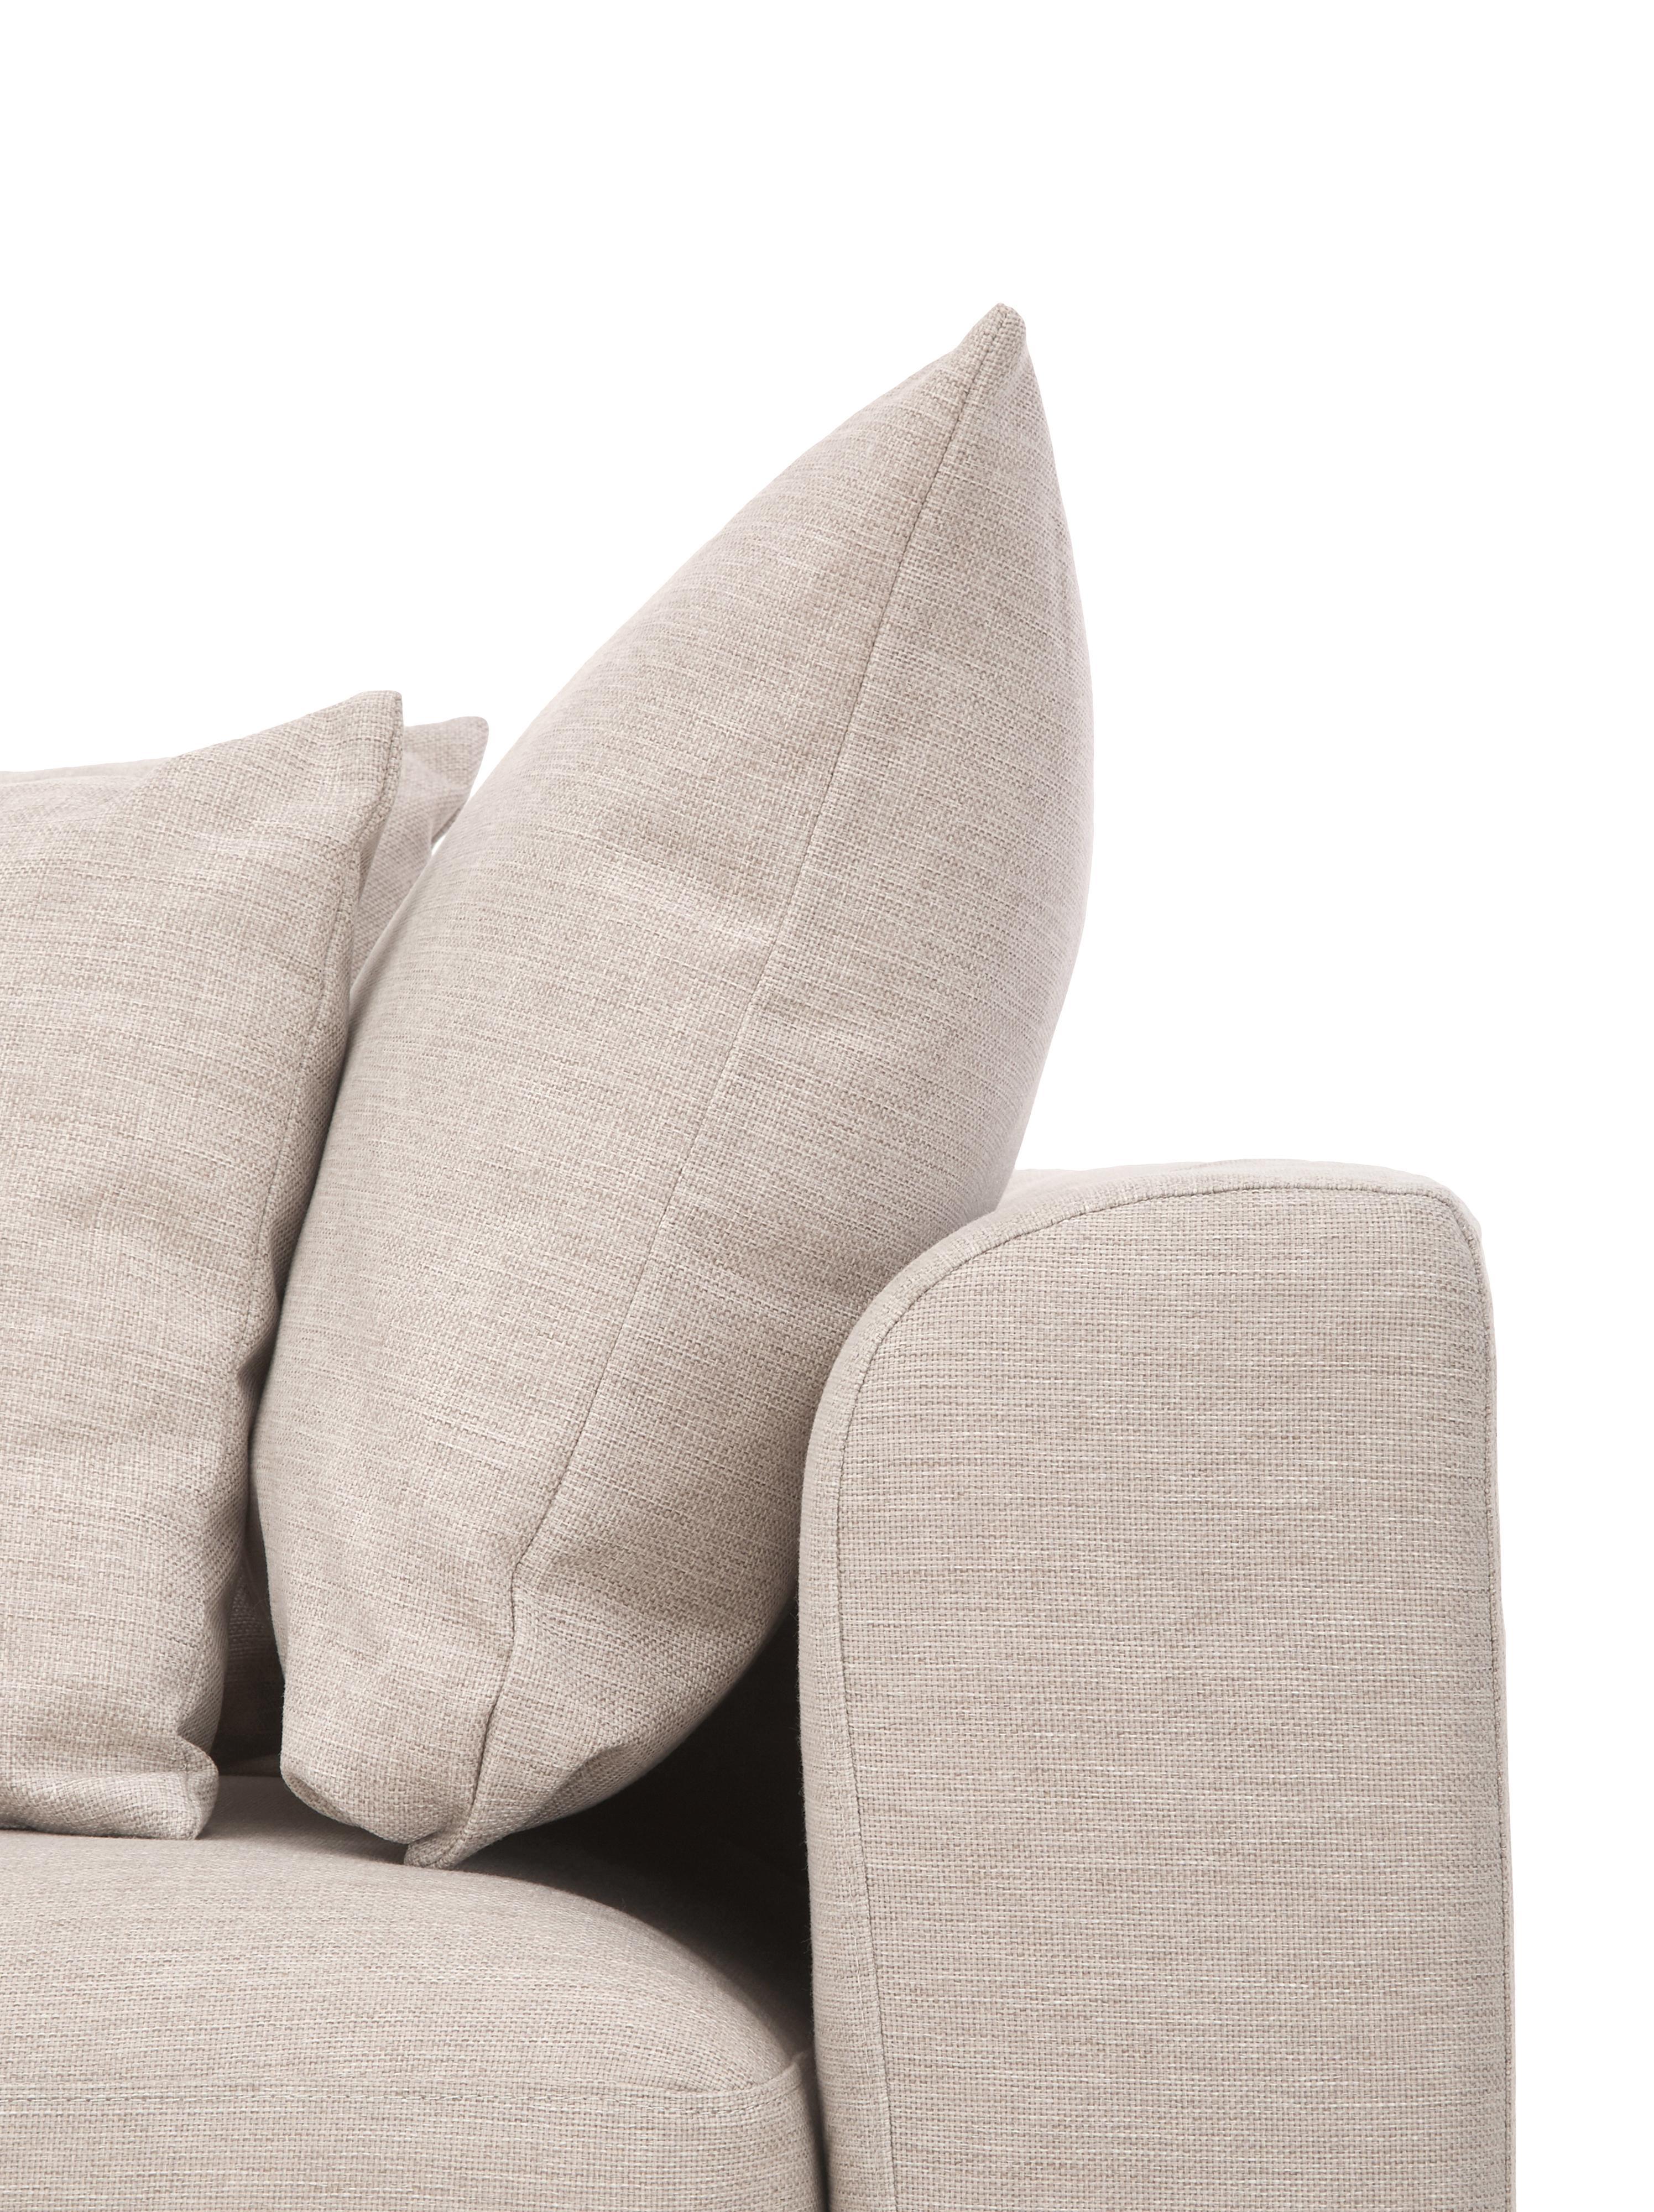 Divano angolare in tessuto beige Zach, Rivestimento: polipropilene, Piedini: materiale sintetico, Sottostruttura: truciolato e legno massic, Tessuto beige, Larg. 300 x Prof. 213 cm